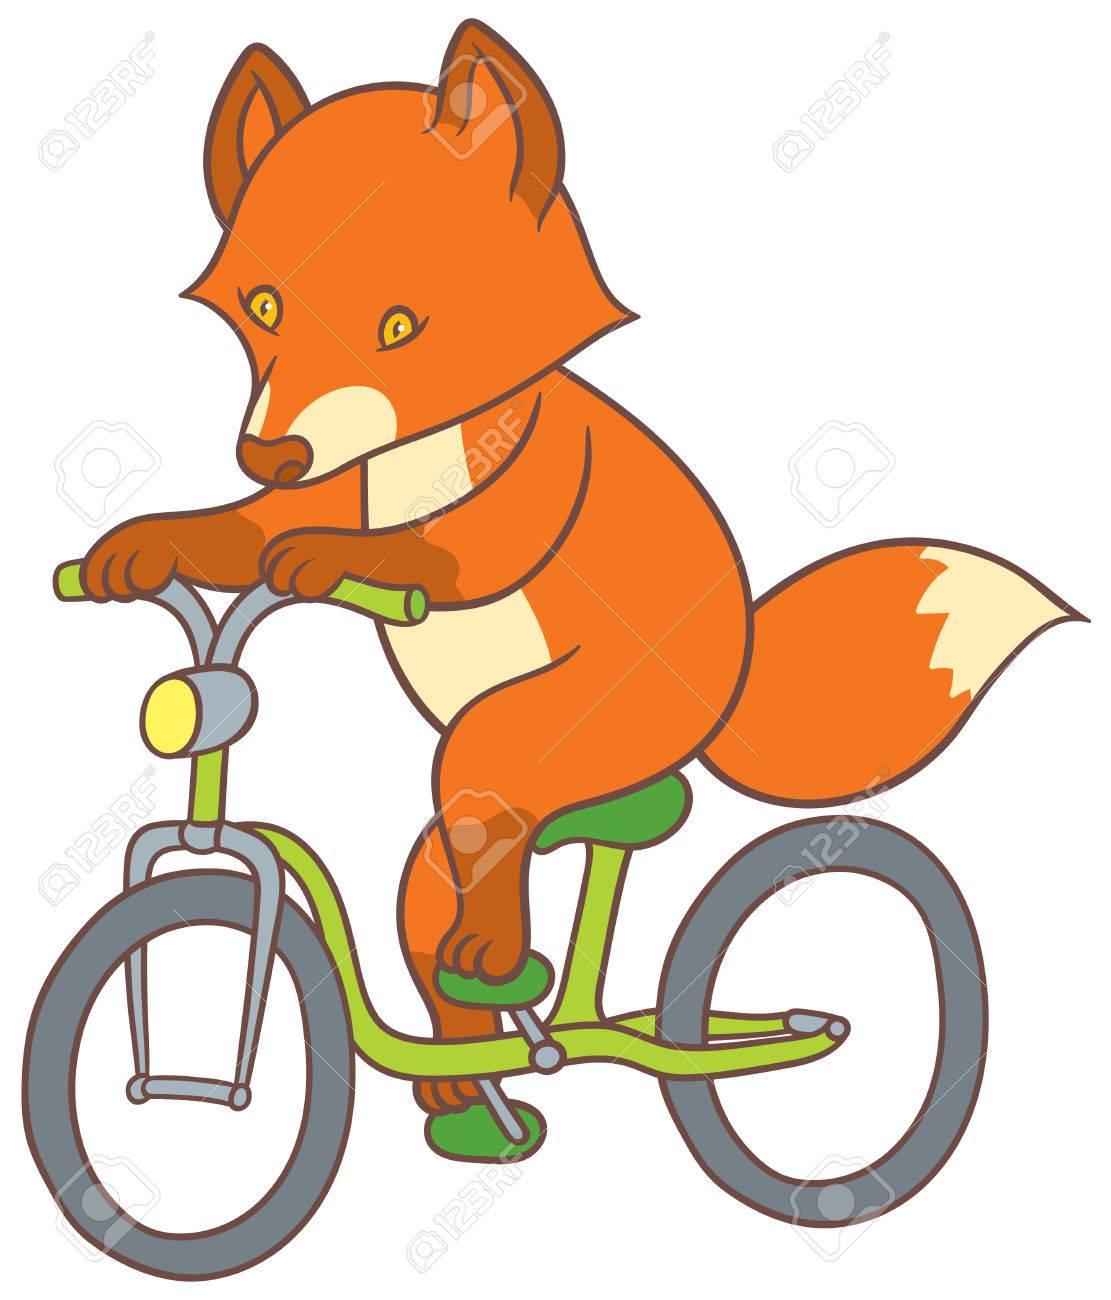 自転車 ベクトル手図面イラストかわいい漫画フォックスのイラスト素材